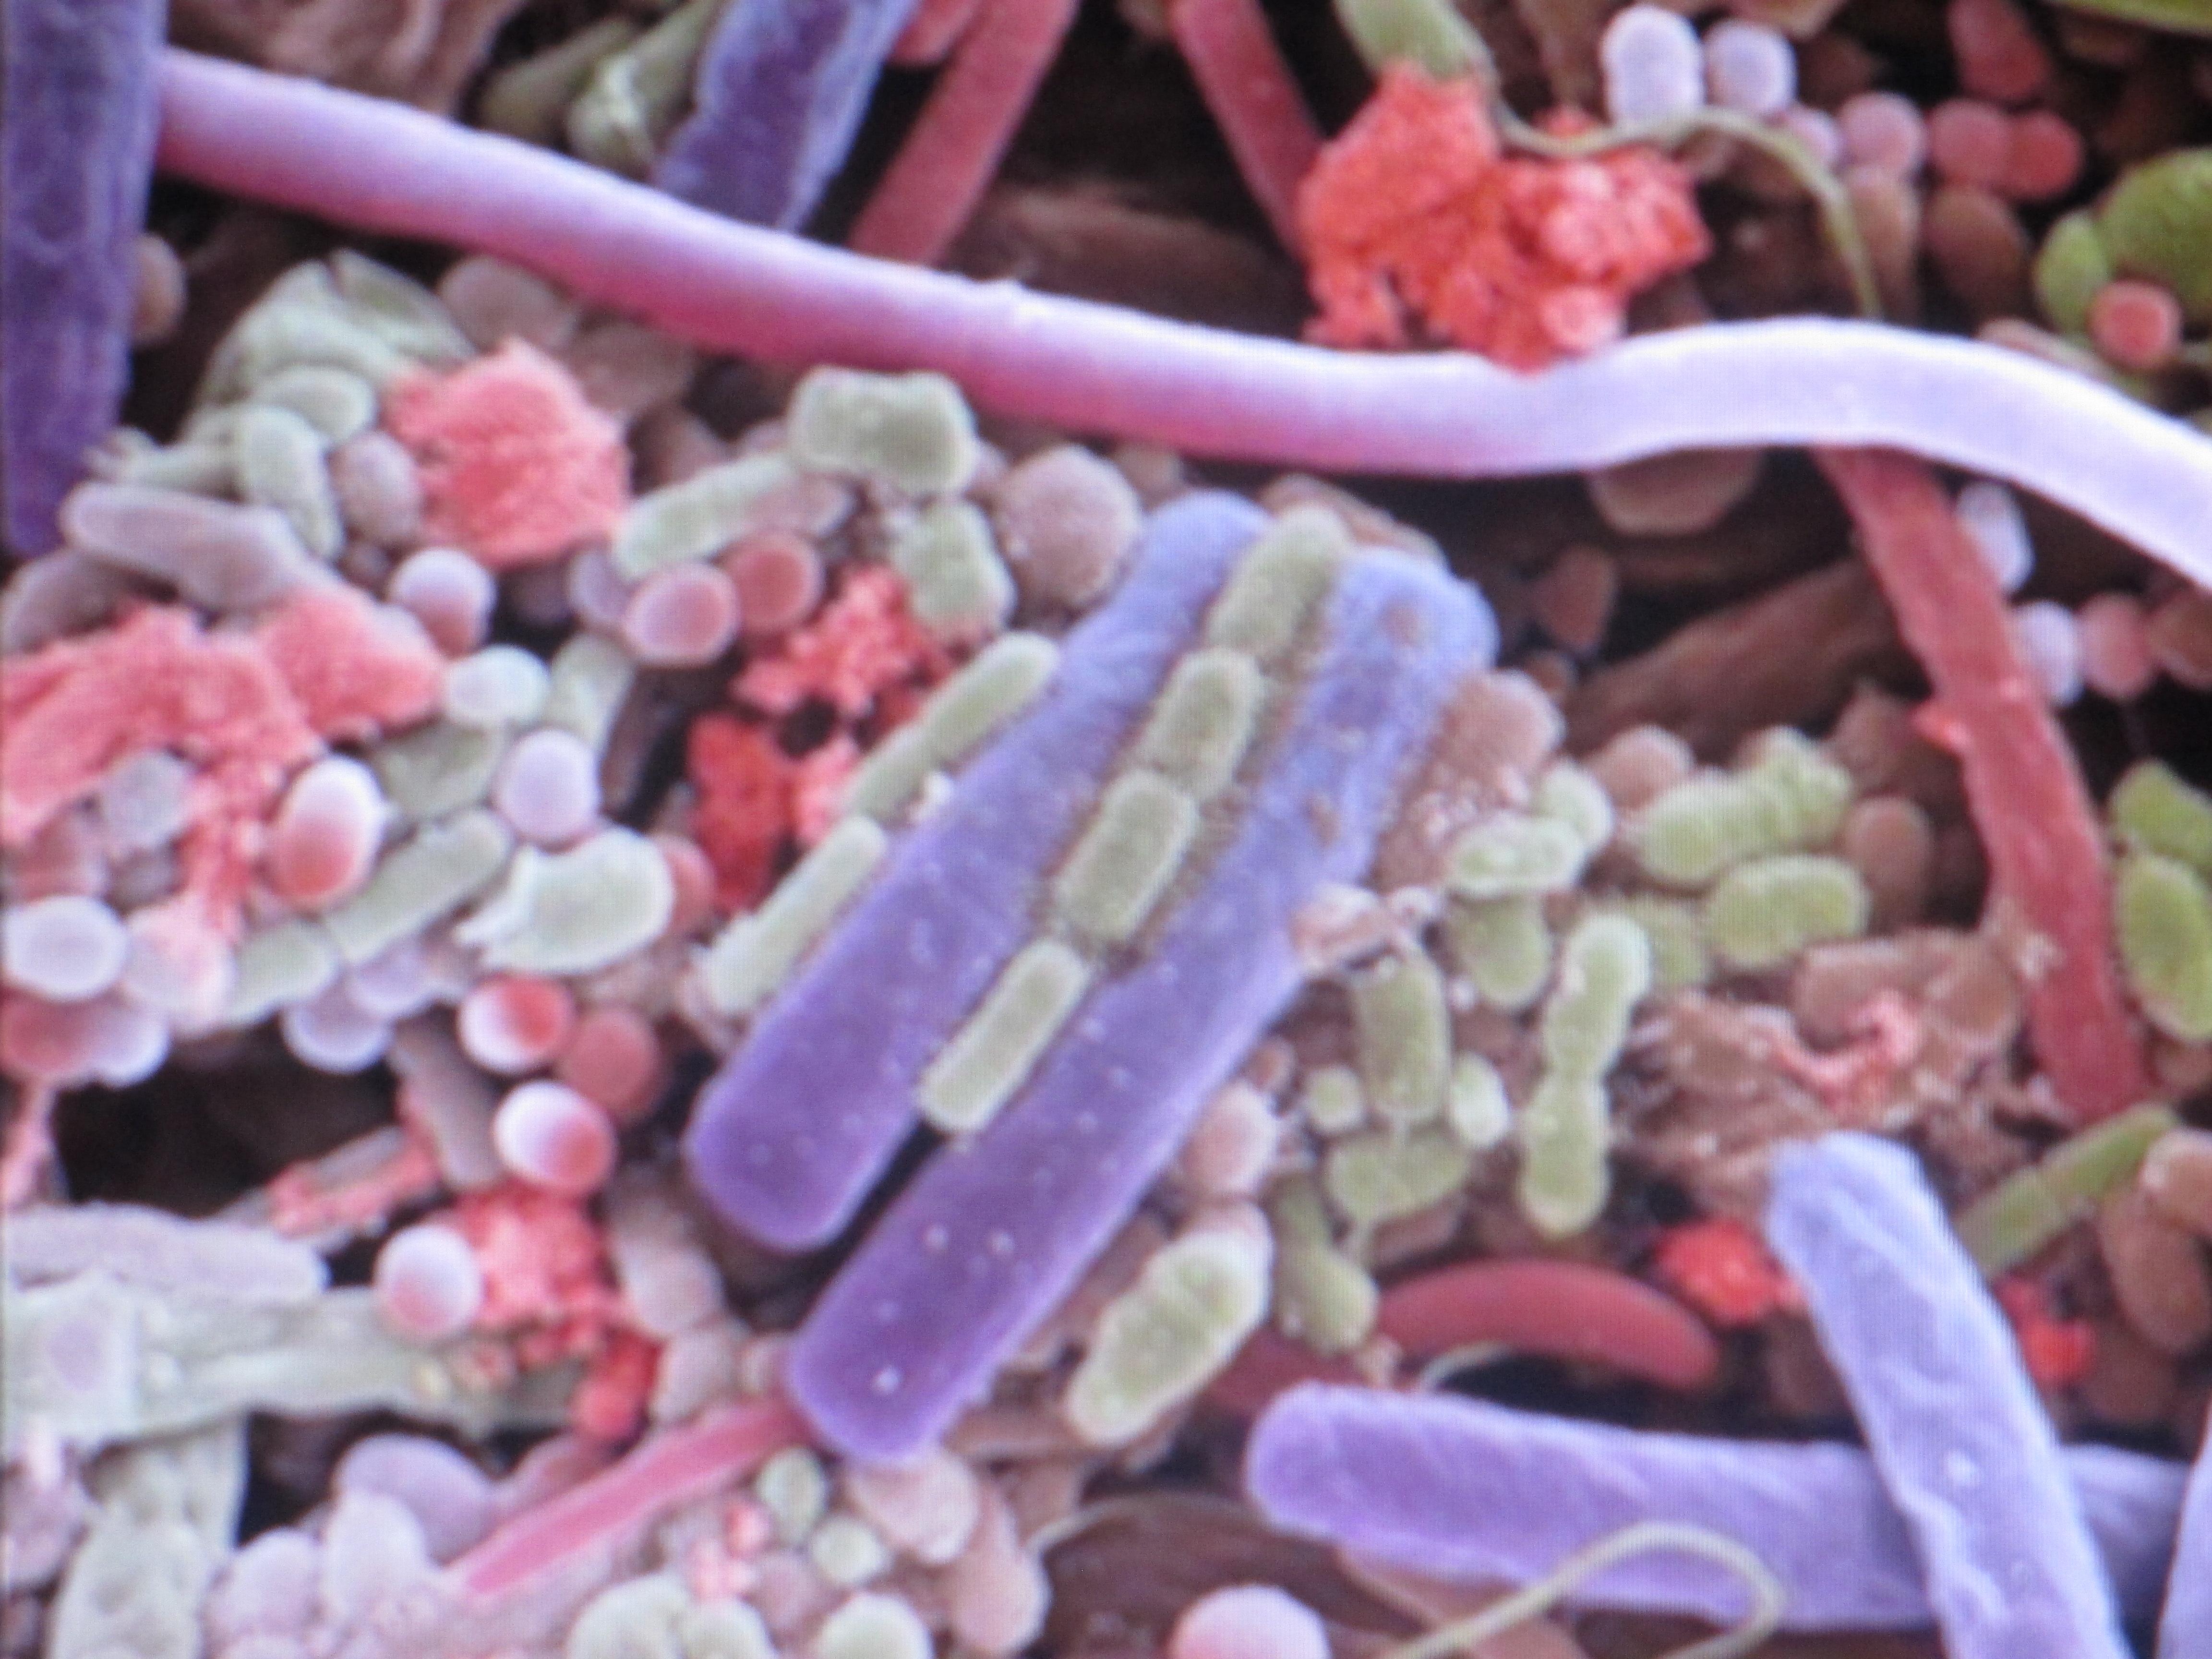 bakterii-v-sperme